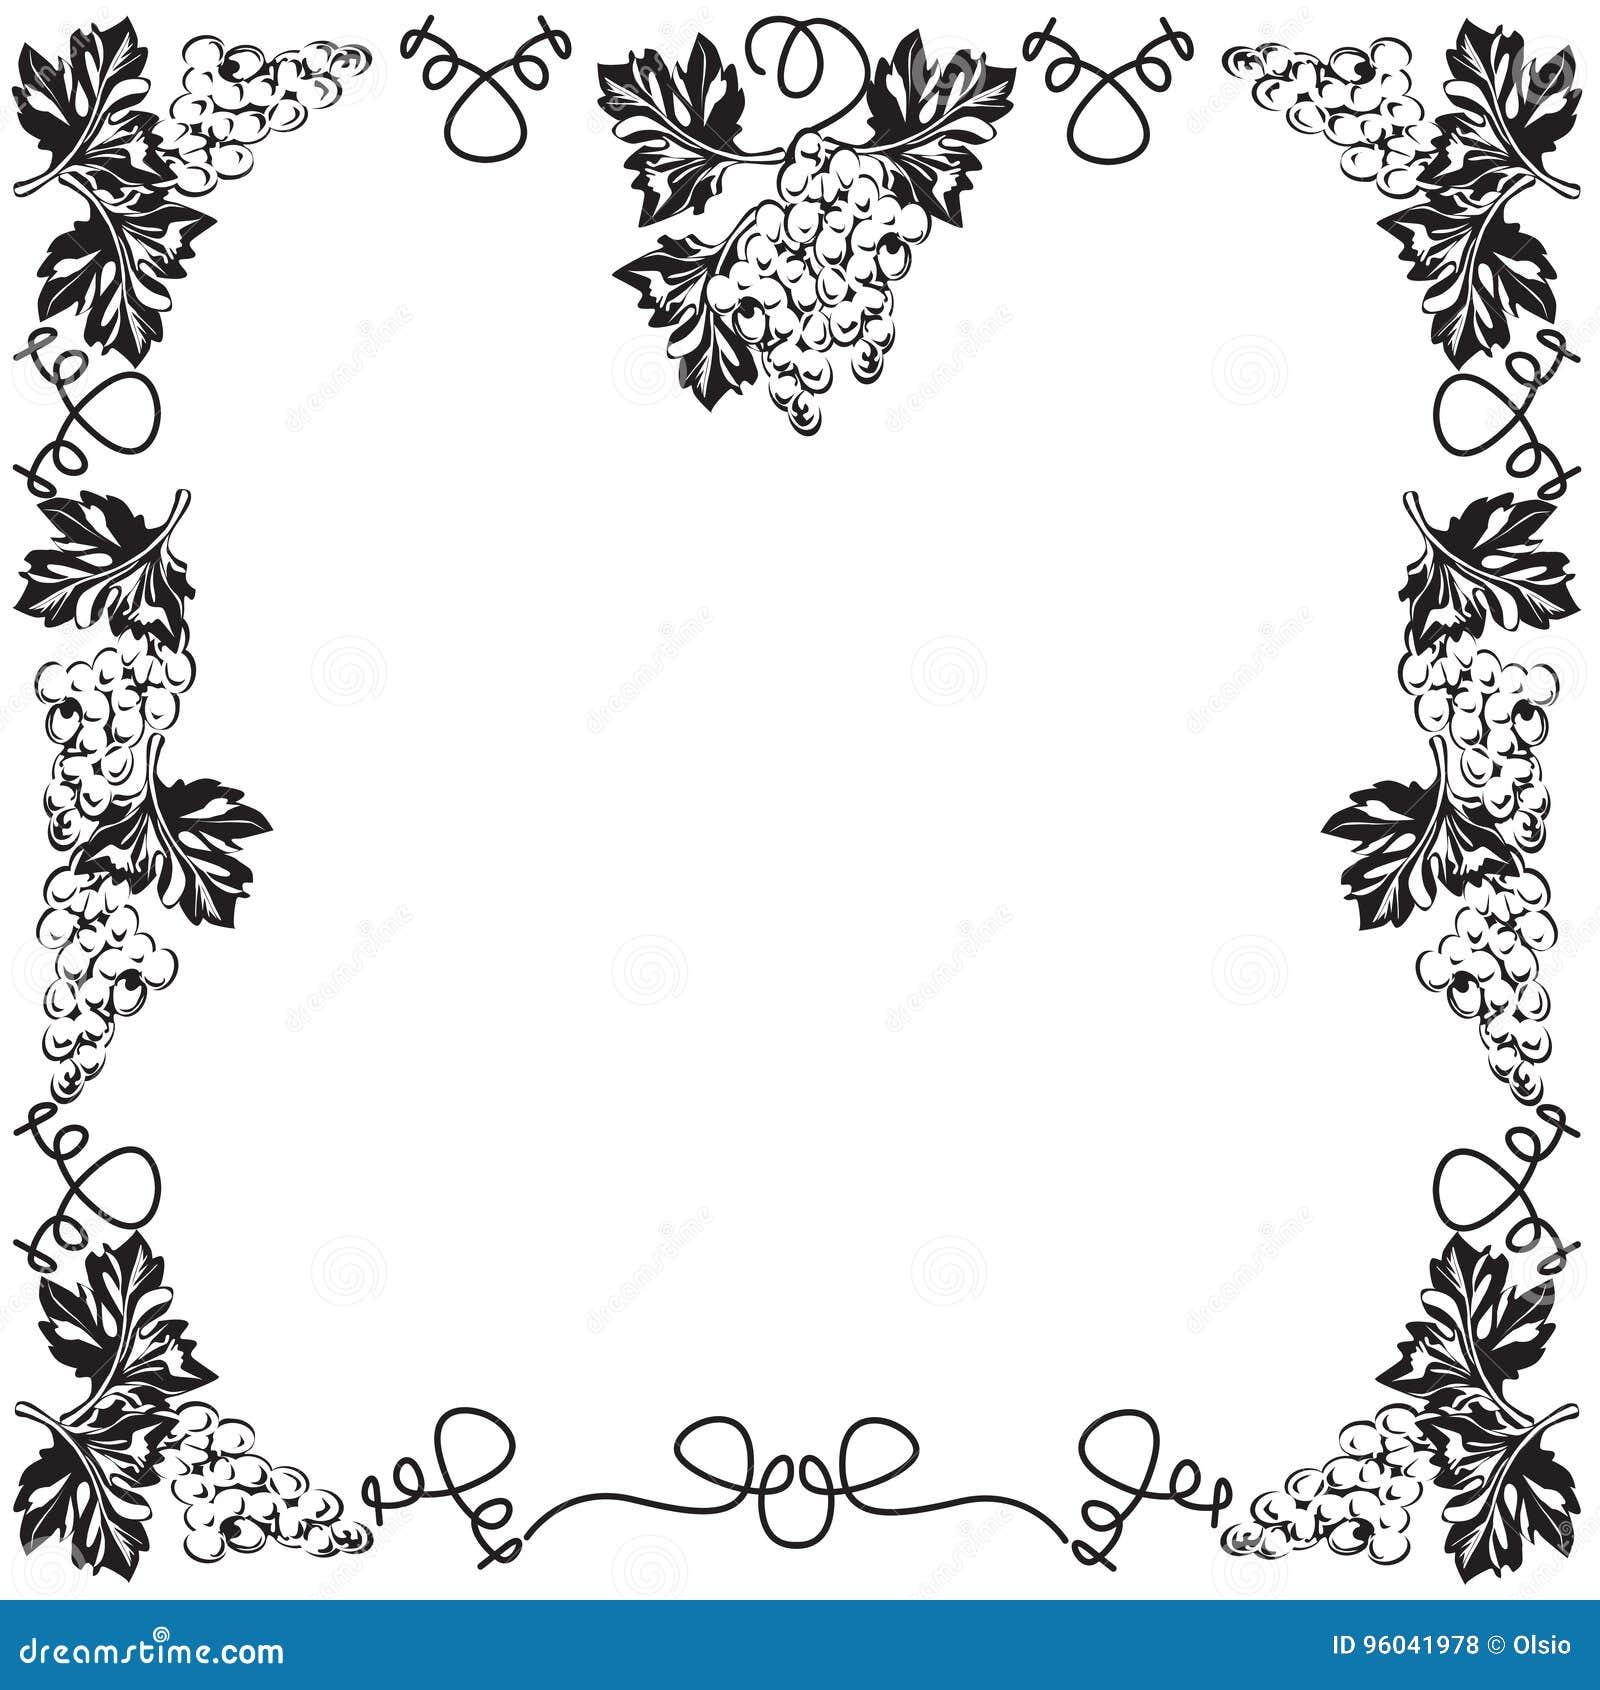 cadre décoratif, cadre pour le texte noir et blanc illustration de